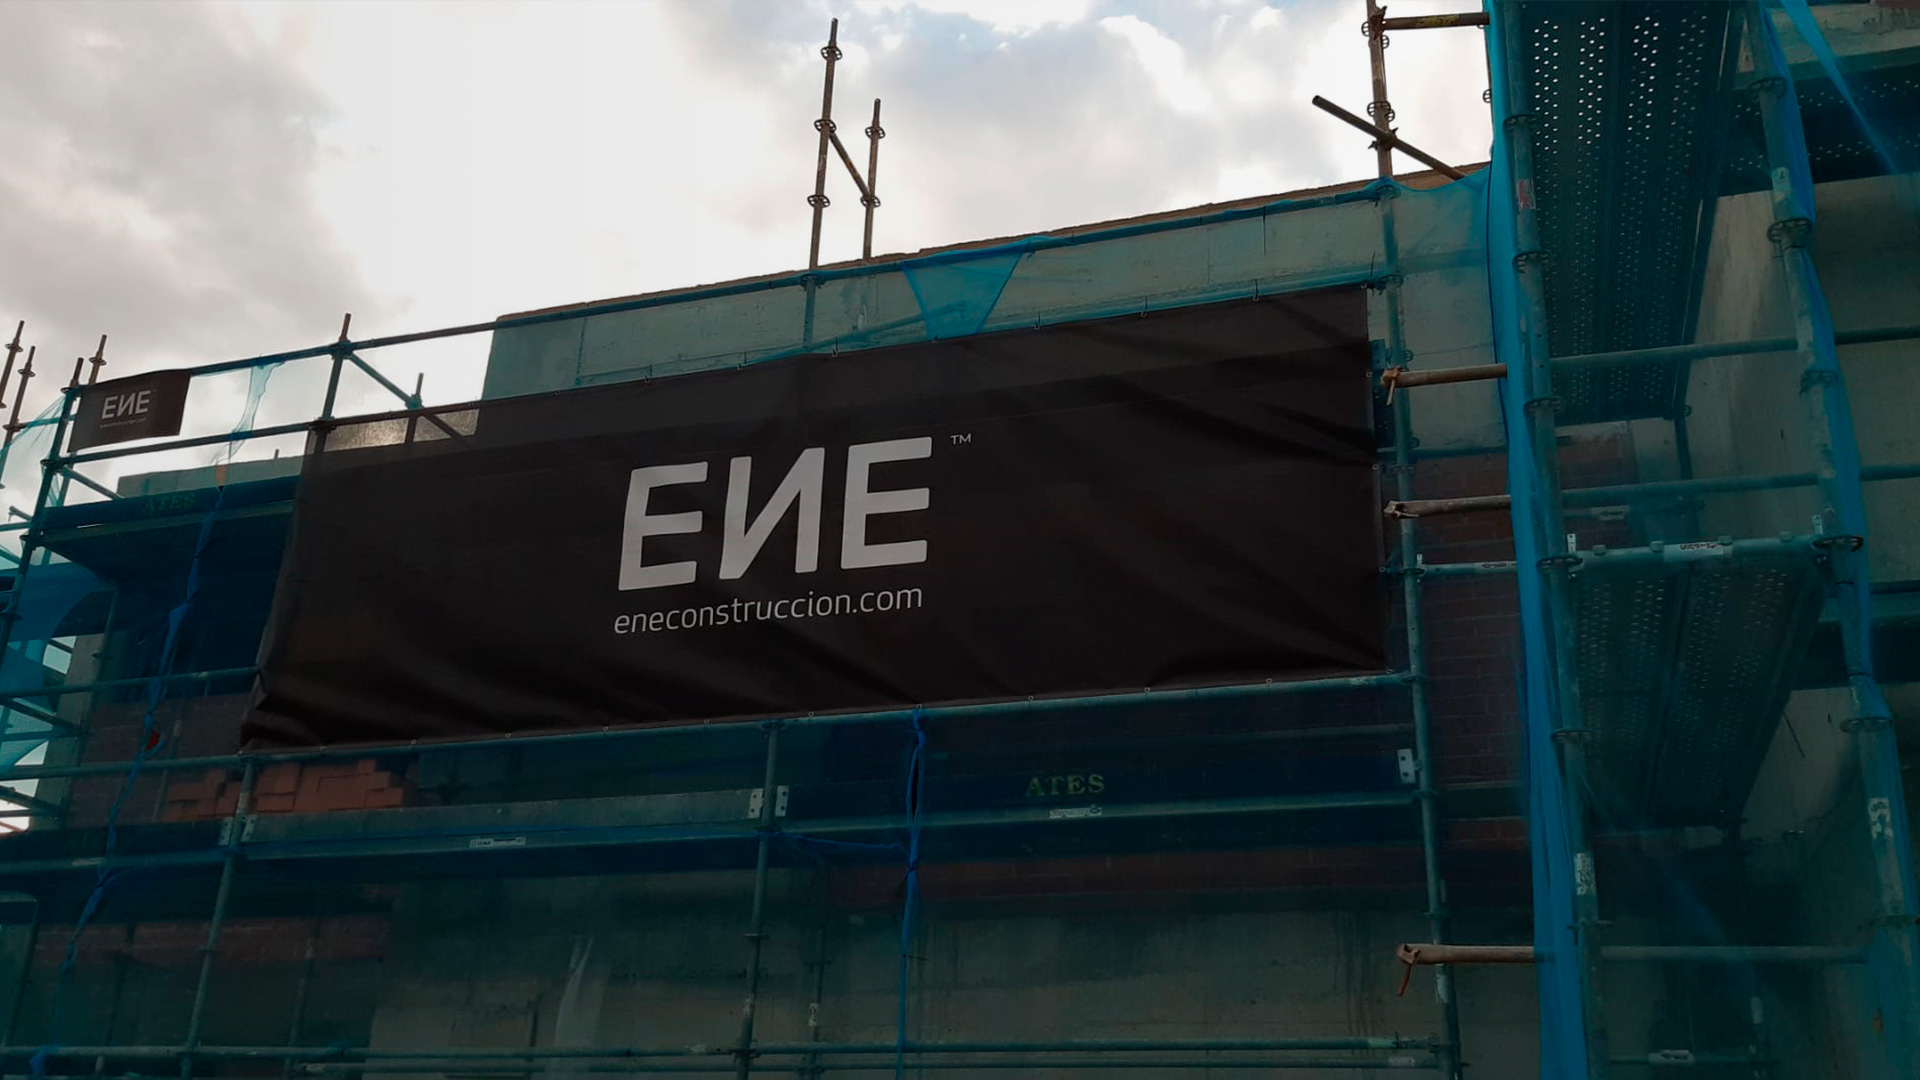 Vivienda unifamiliar en Valencia, ENE Construcción, constructora en España, RGB Arquitectos